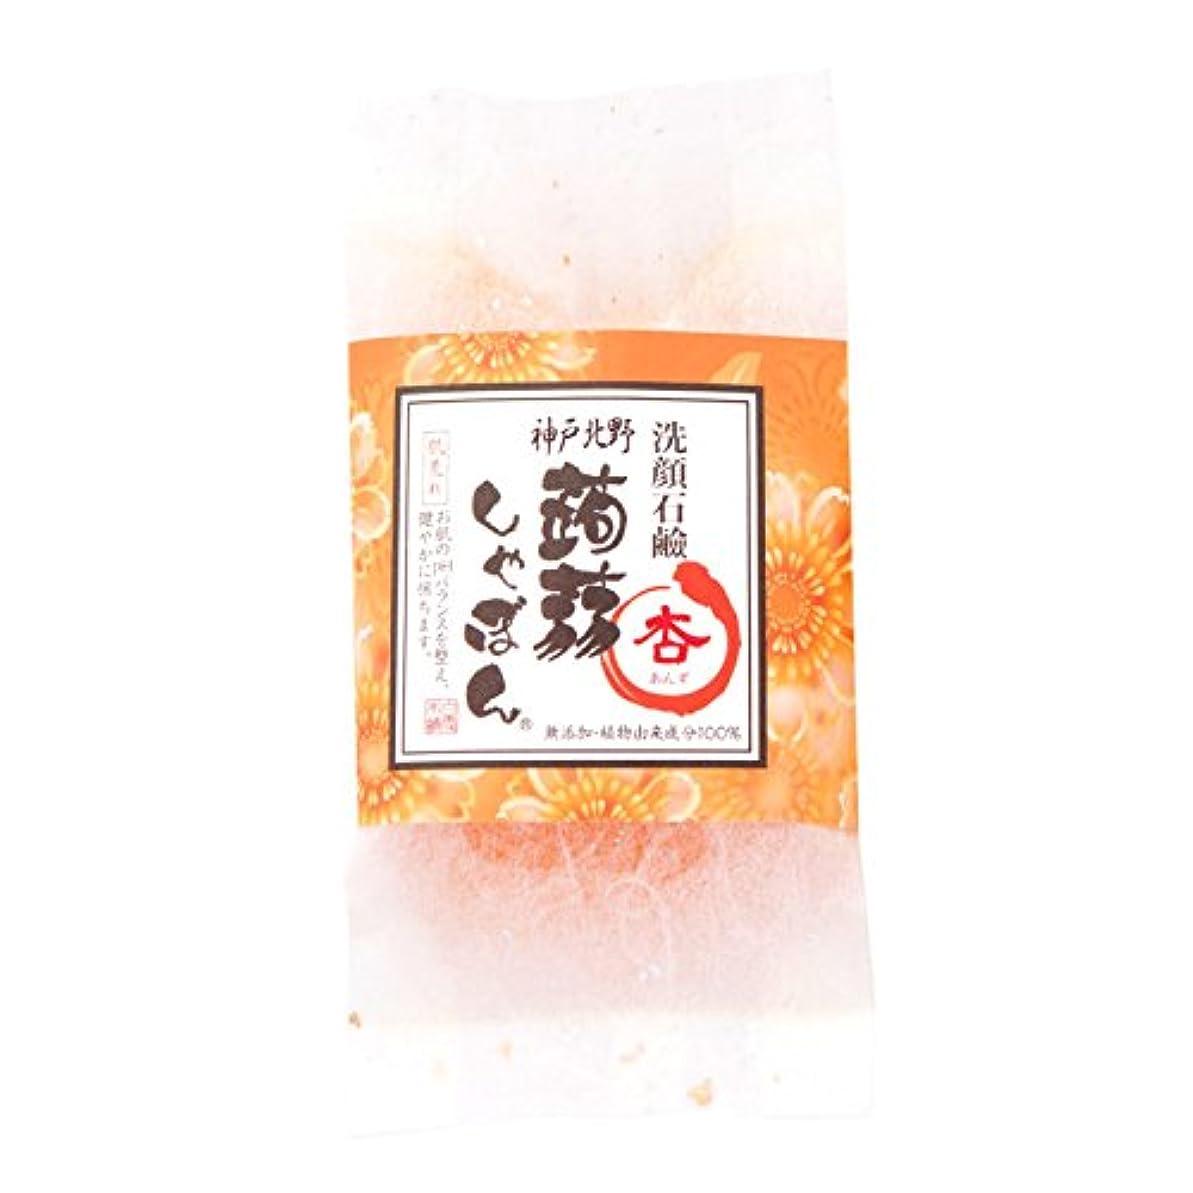 退化する音声クランプ神戸蒟蒻しゃぼん神戸 杏(あんず)